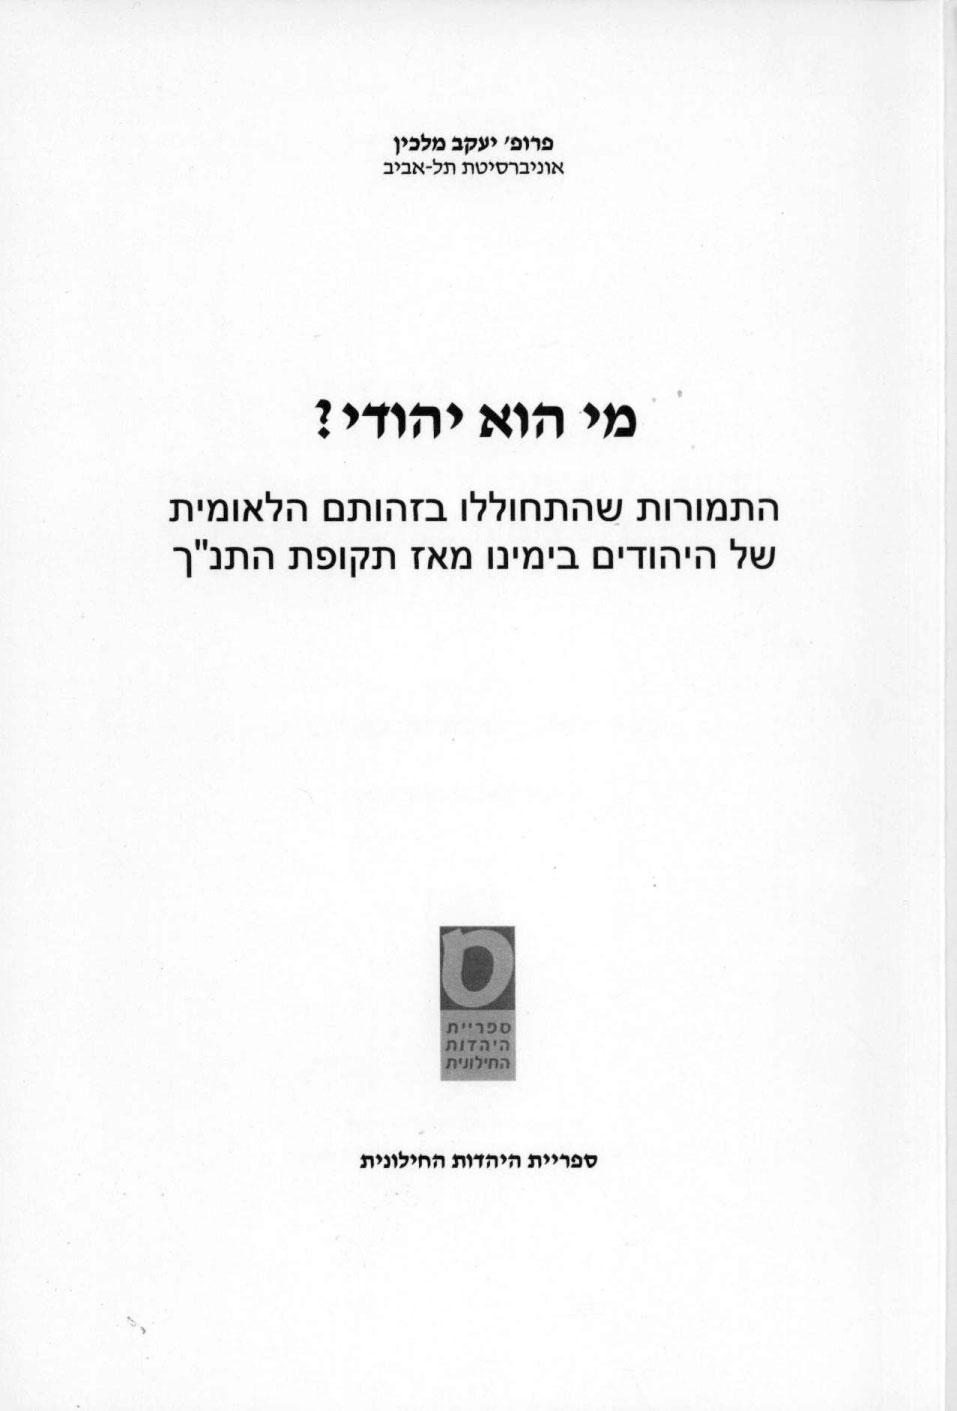 מי הוא יהודי? - יעקב מלכין, עברית, 2006